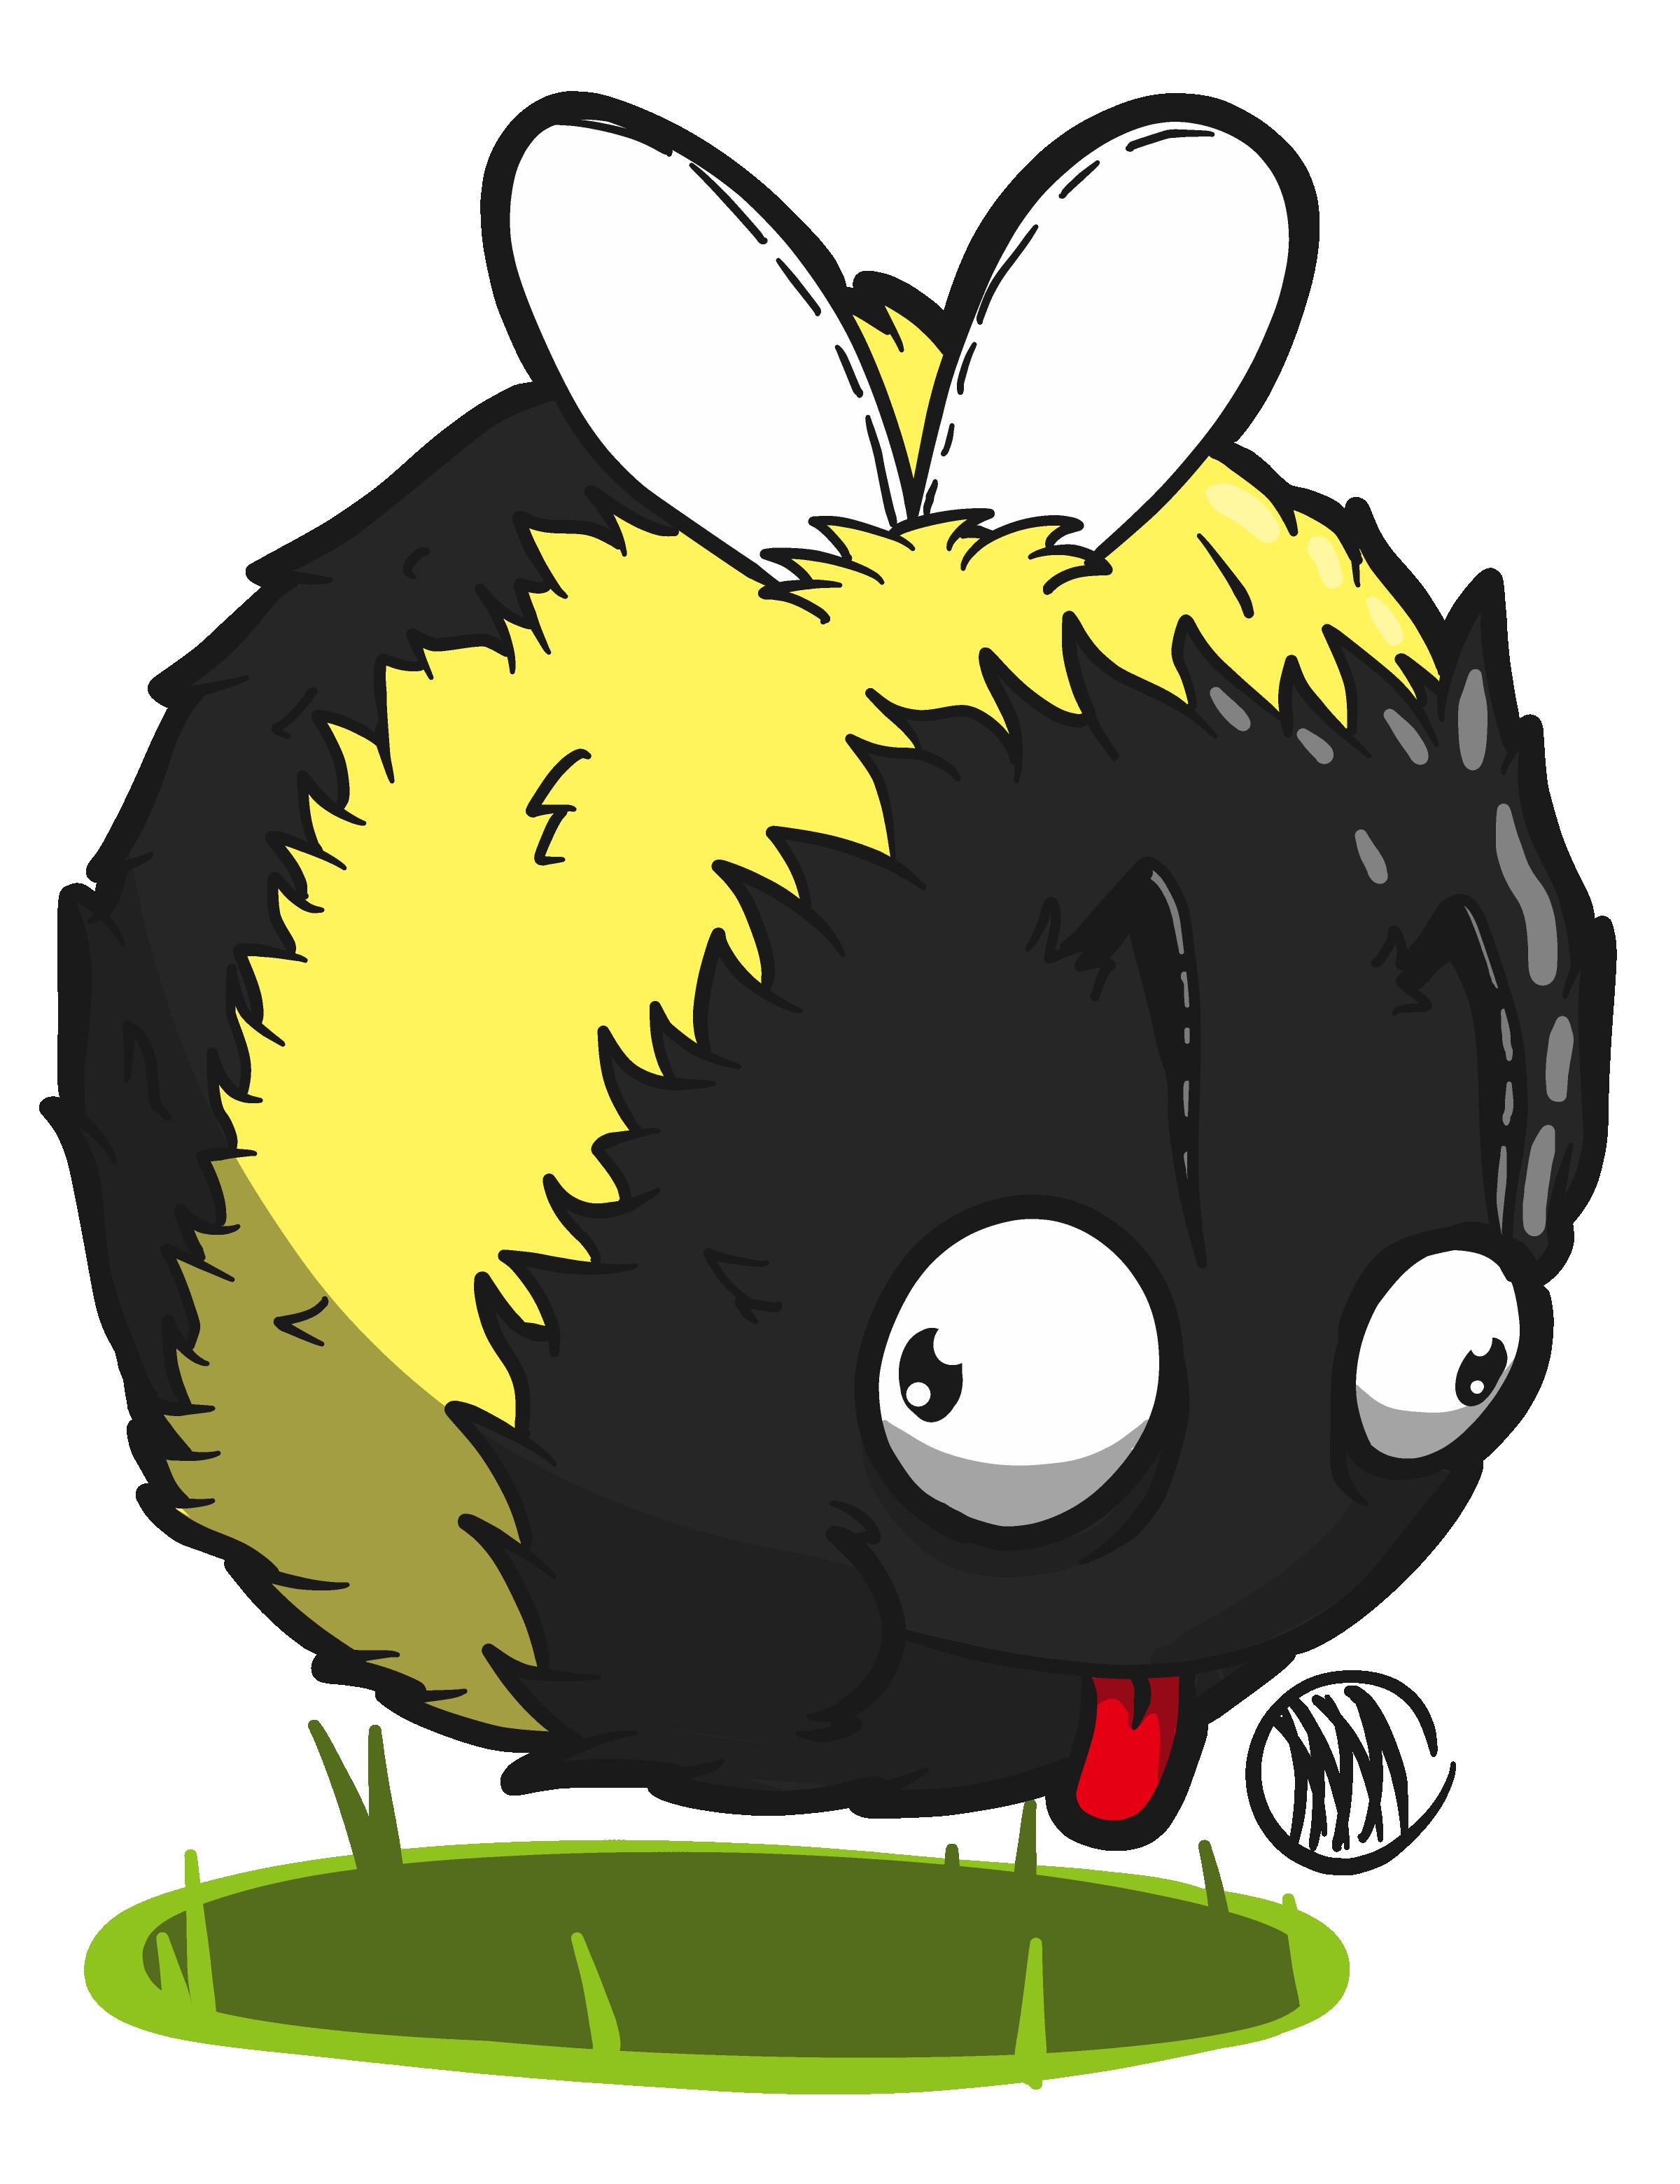 buzz booz by markymayhem